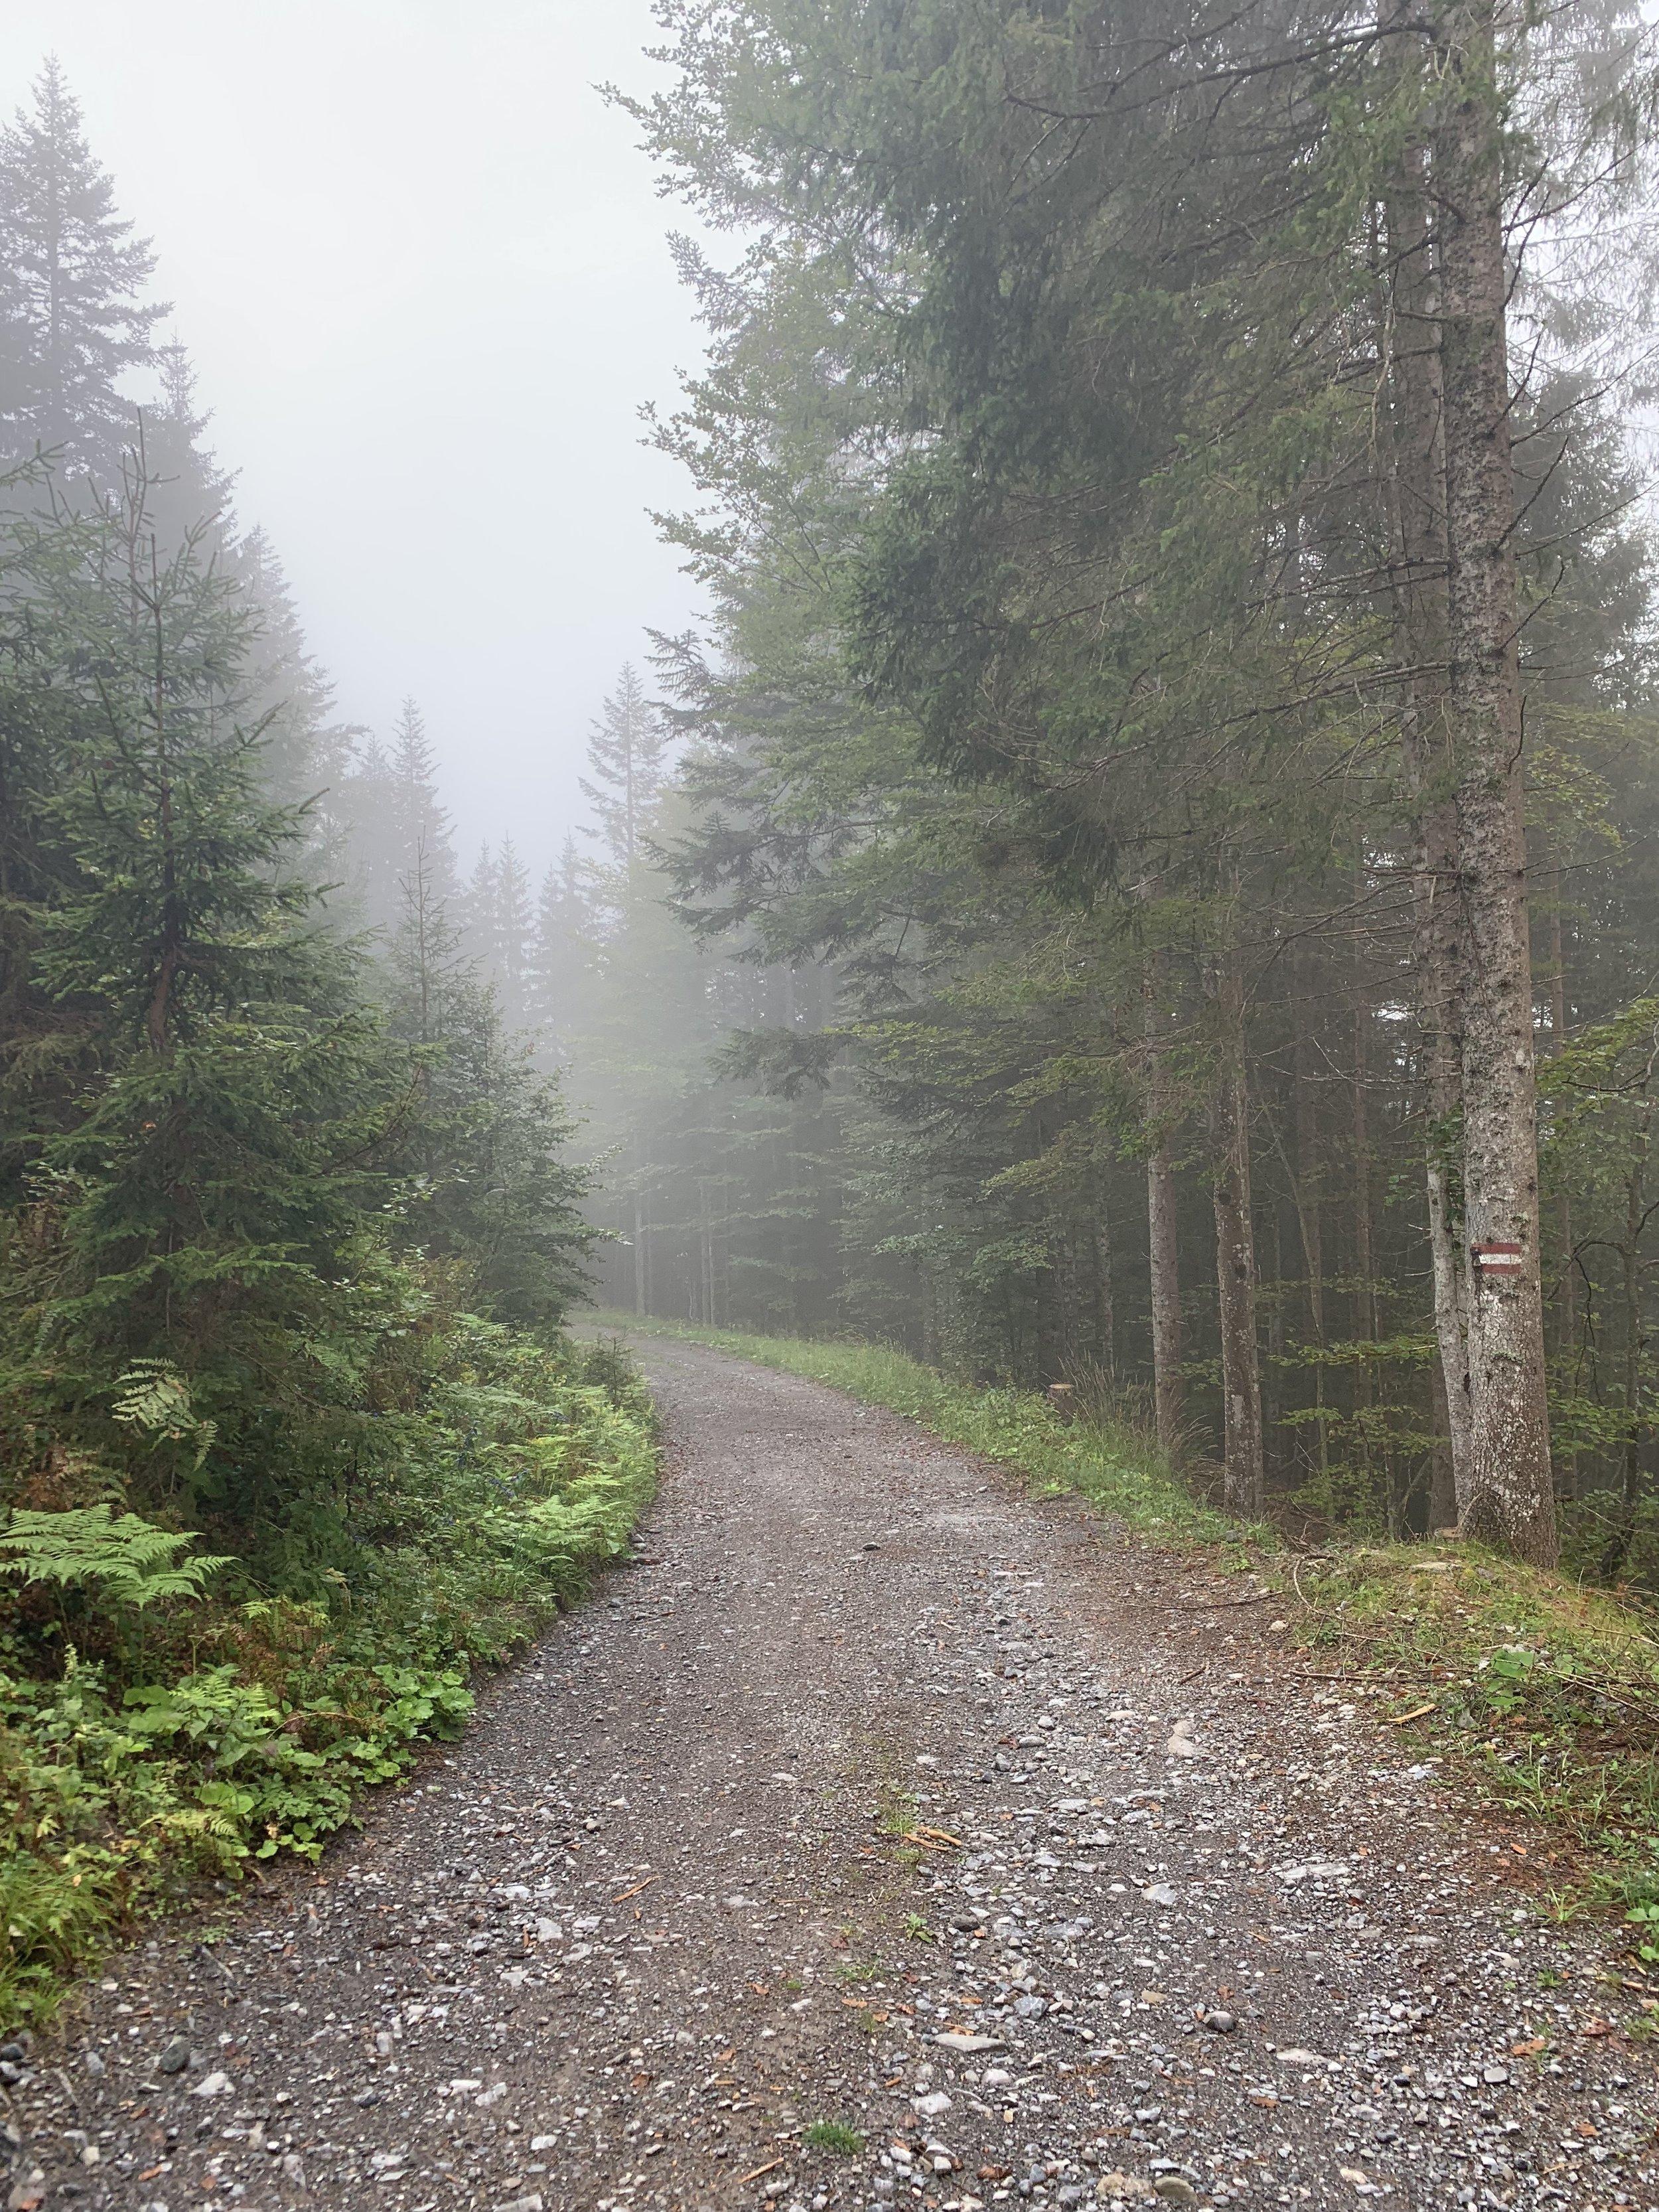 Into the fog (again)